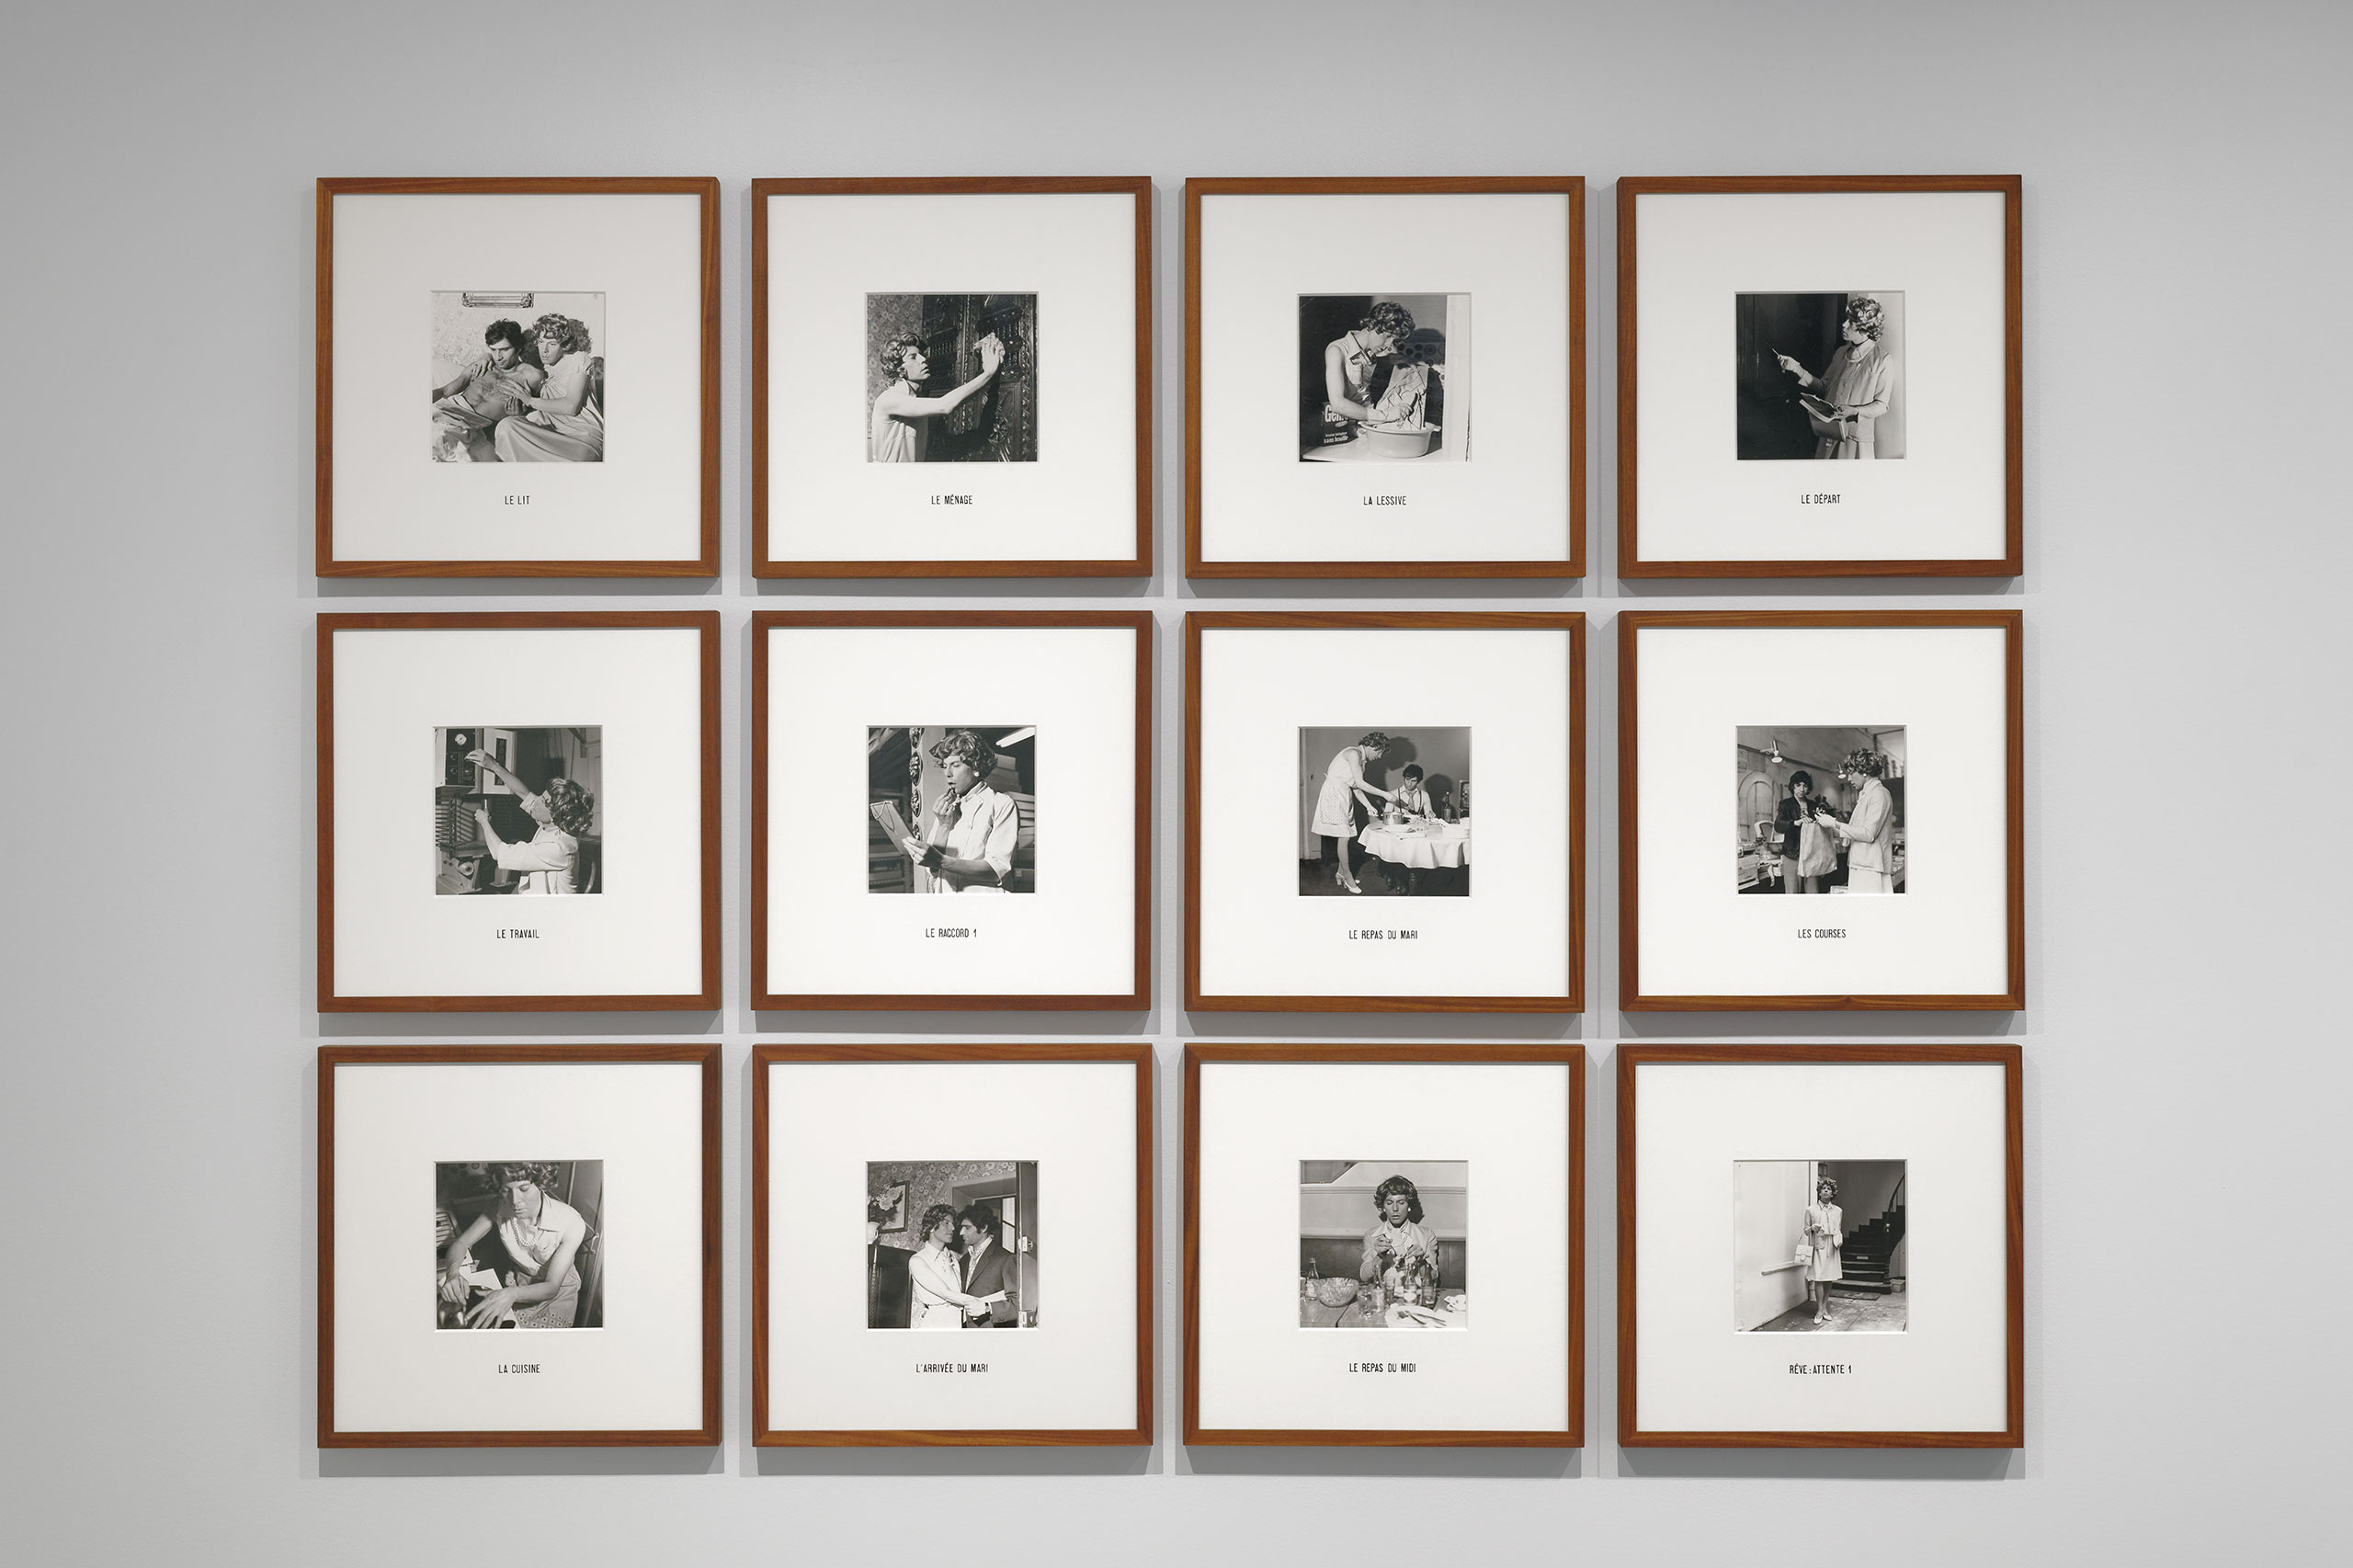 Michel Journiac, 24 heures de la vie d'une femme ordinaire, 1974. © Michel Journiac / ADAGP, Paris 2020 Courtesy Galerie Christophe Gaillard. Exhibition views of Ouverture, Bourse de Commerce — Pinault Collection, Paris, 2021. Photo Aurélien Mole.